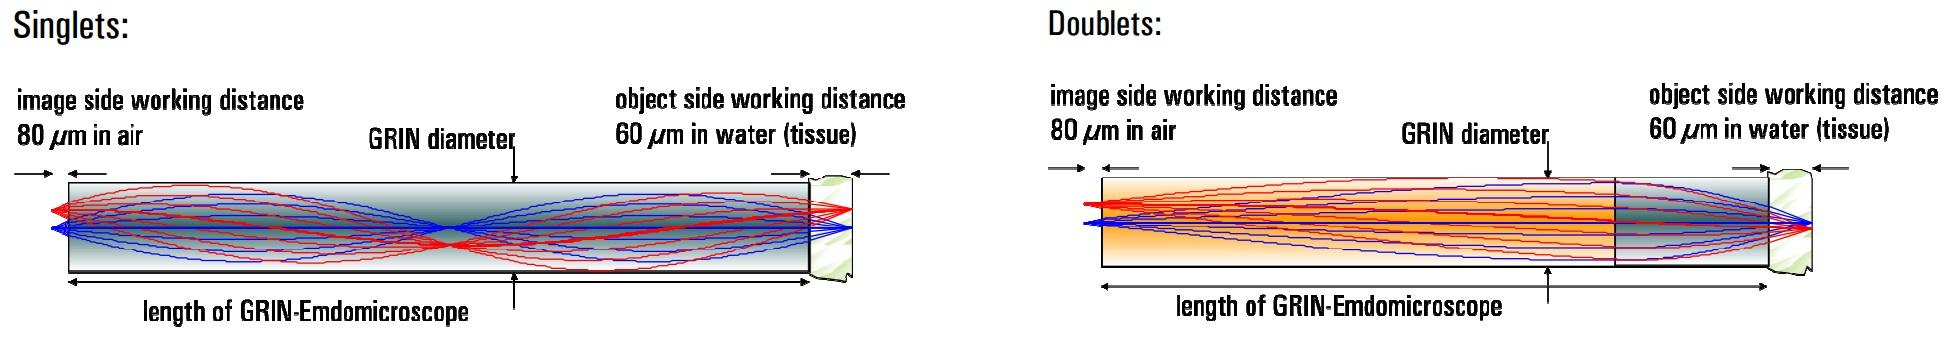 ニードルタイプ内視鏡用GRINレンズ(蛍光顕微鏡用)